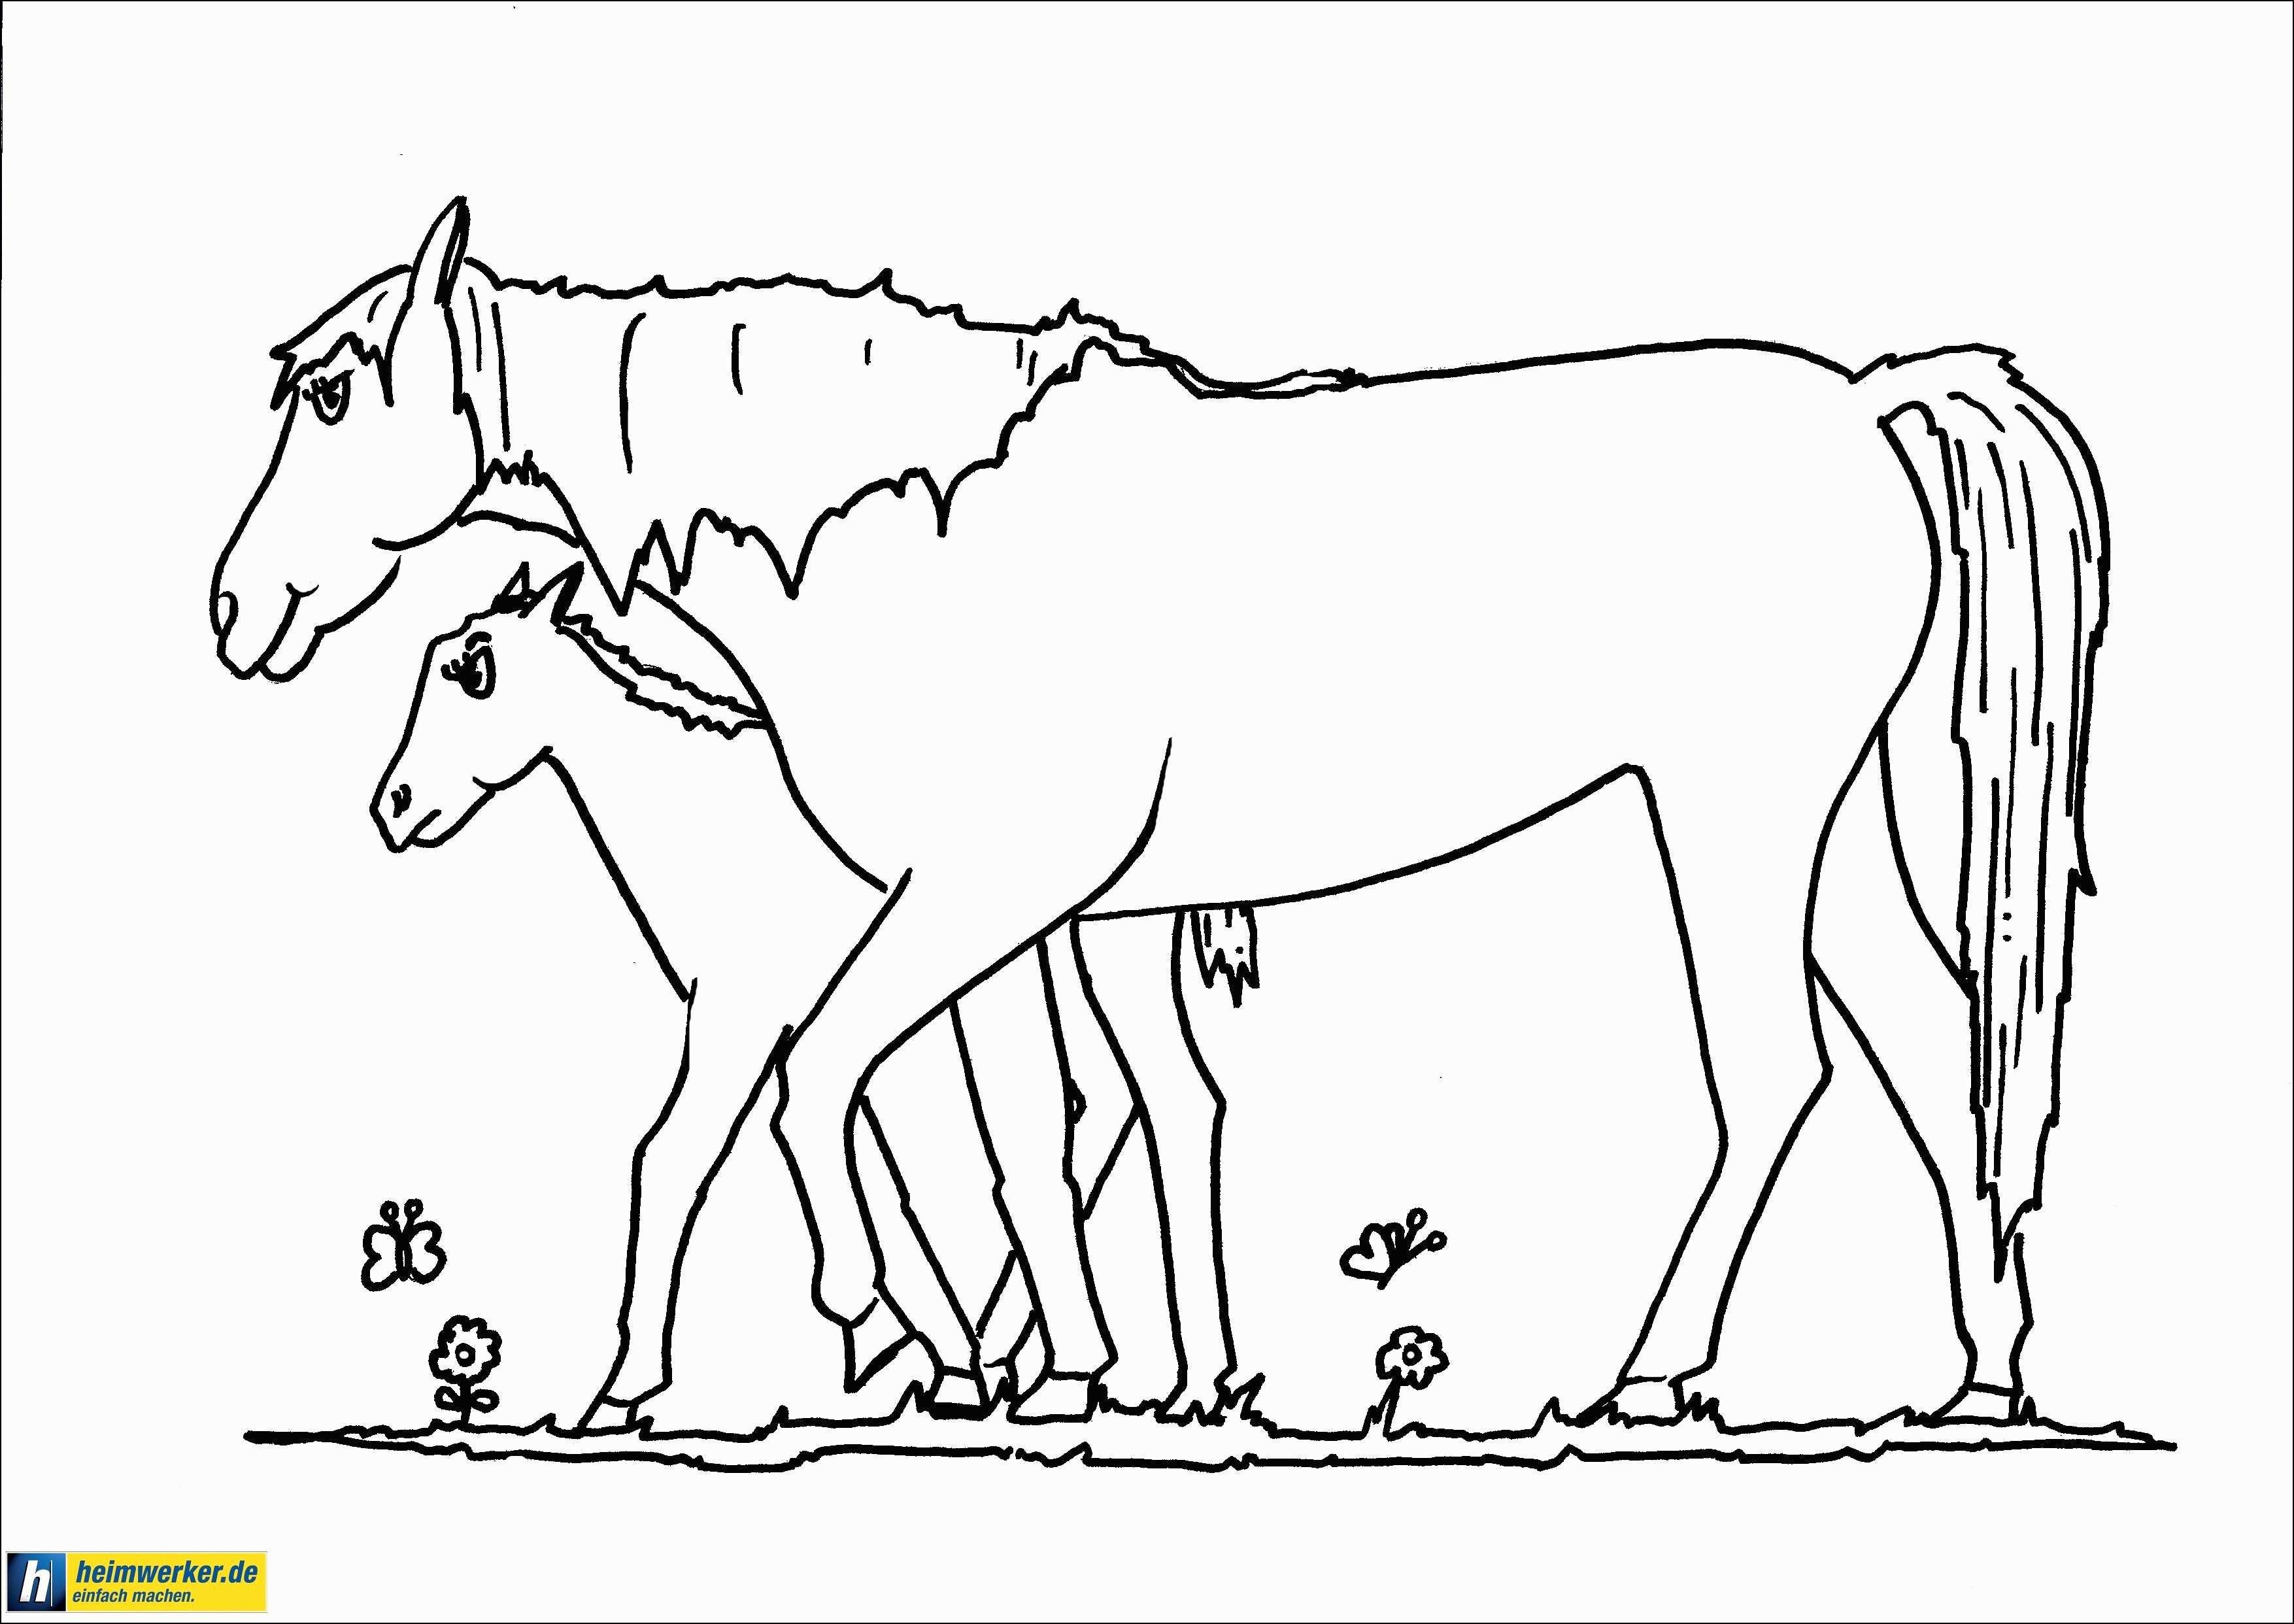 Ausmalbilder Pferde Frisch Einfach Ausmalbilder Pferde Turnier Cavespringlibrary Stock